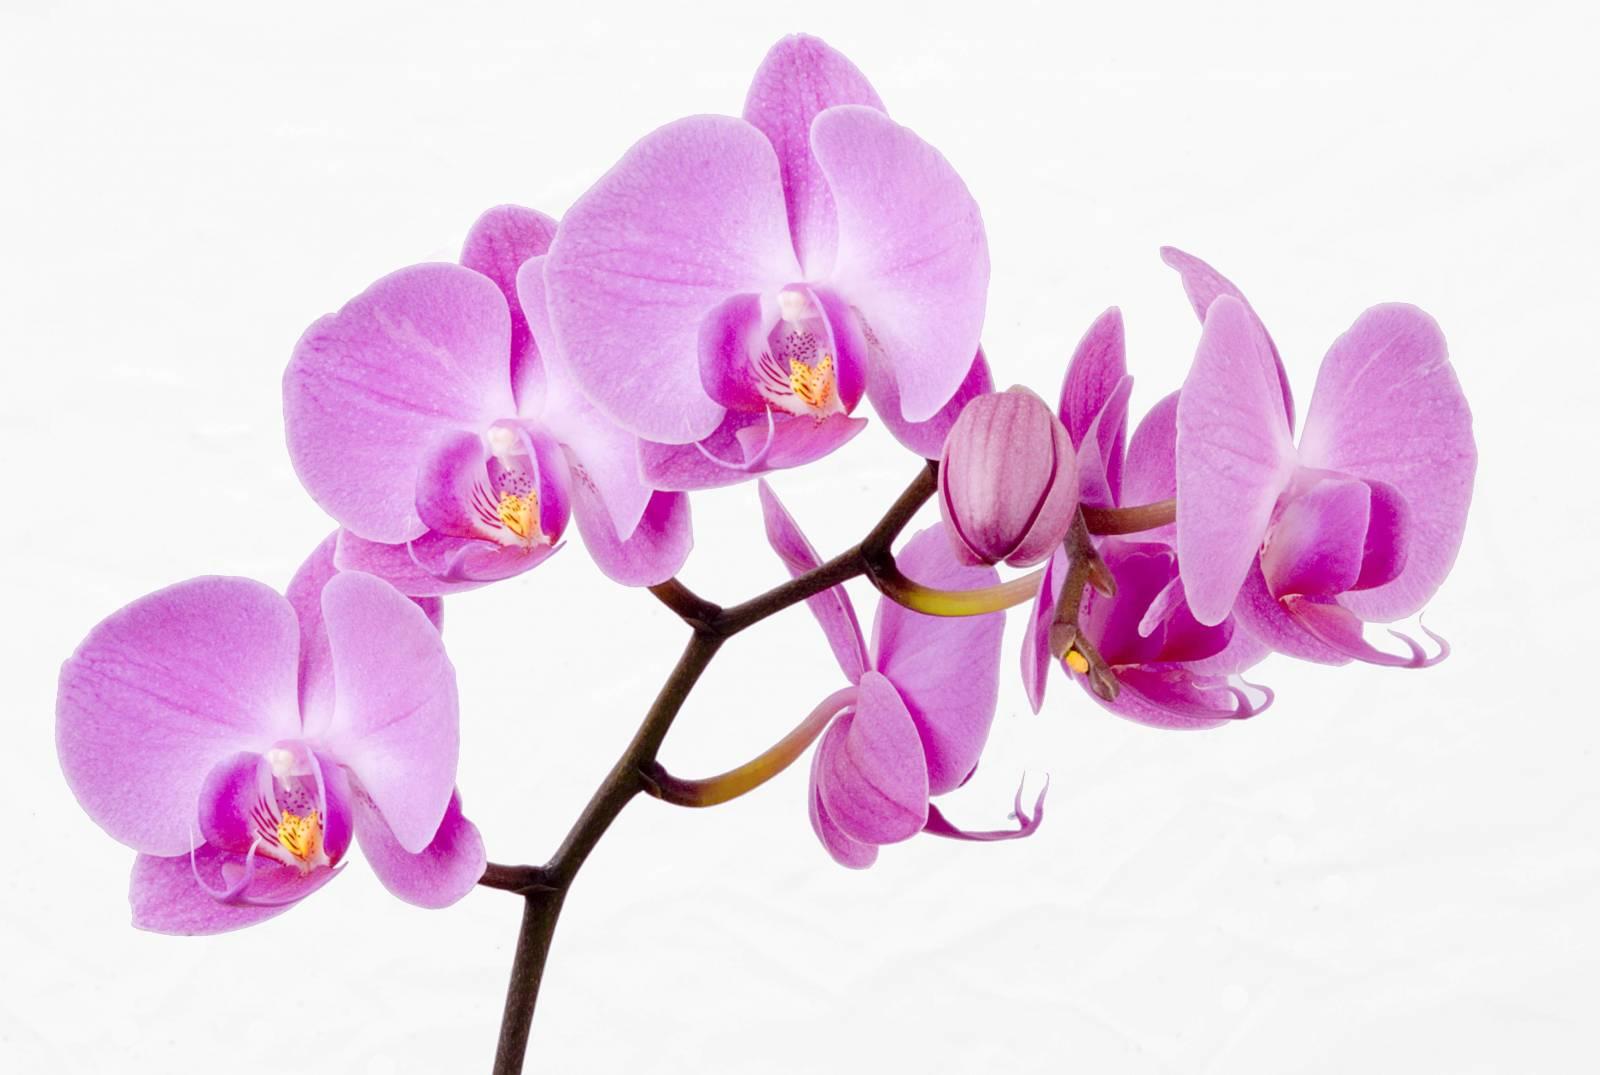 Комнатные цветы фото пеперомия 4